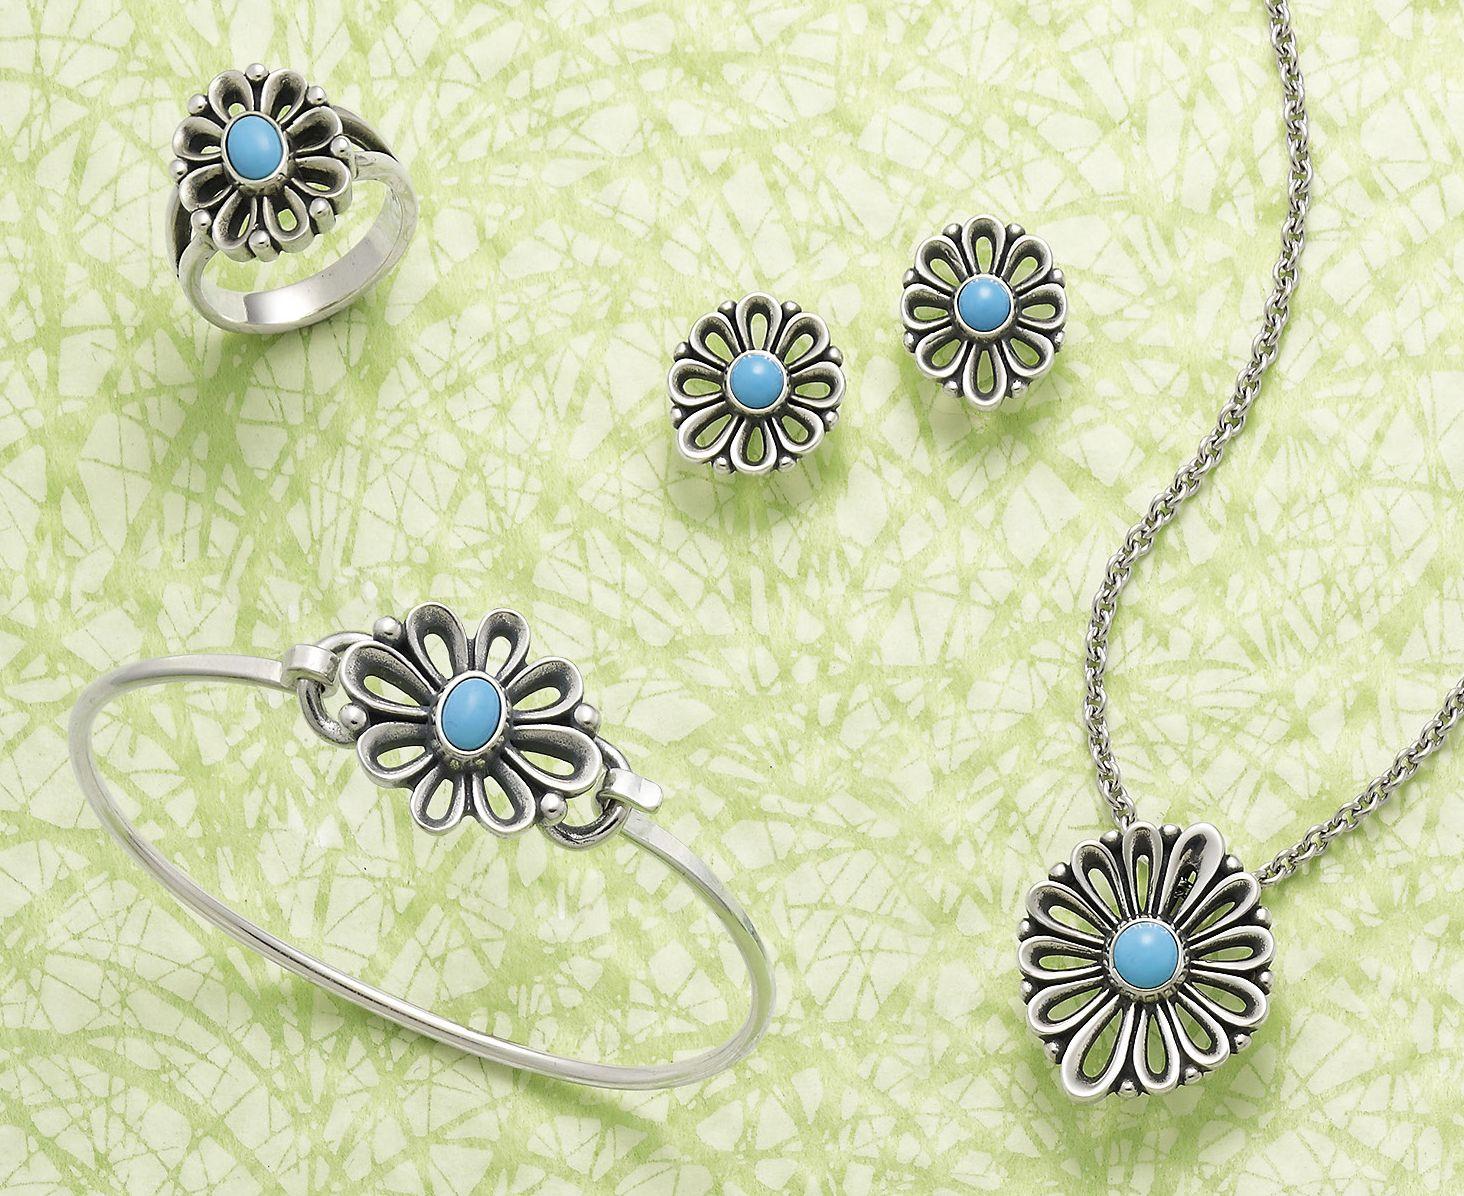 5d558772c De Flores Ring with Turquoise, De Flores Ear Posts with Turquoise, De Flores  Pendant with Turquoise (chain sold separately), De Flores Hook-On Bracelet  # ...